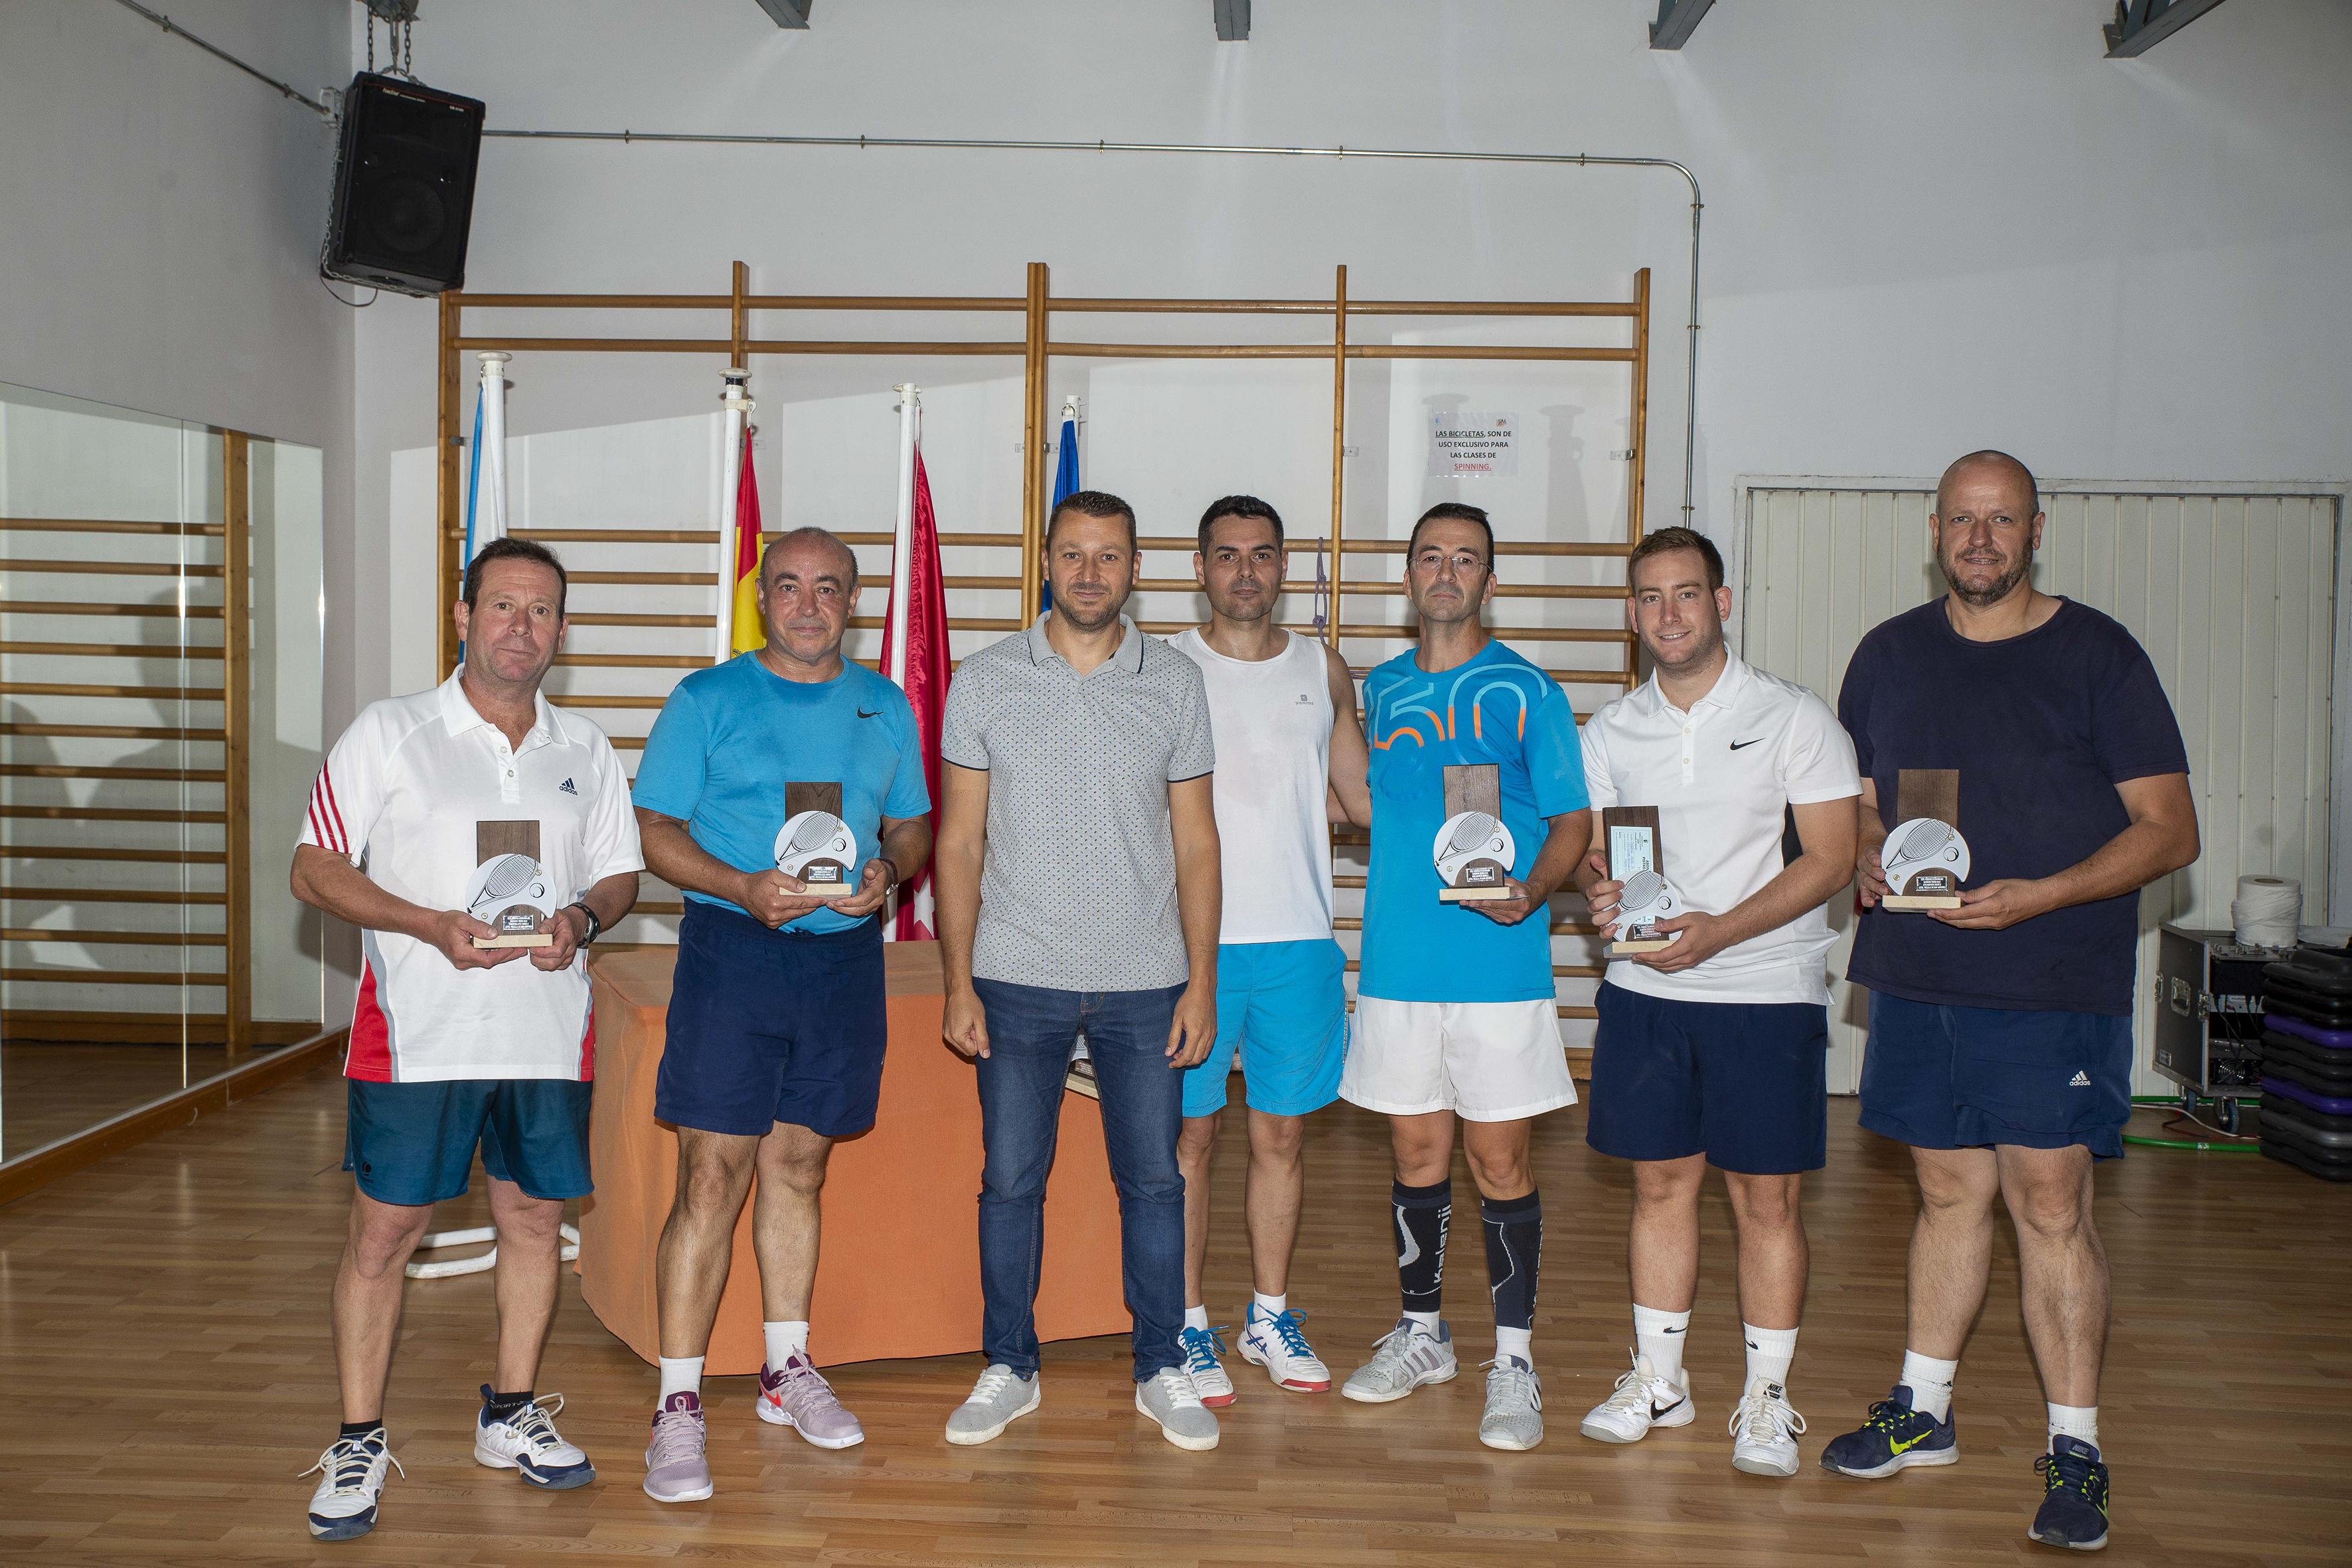 Resultados del Campeonato de Fiestas Ranking de Tenis